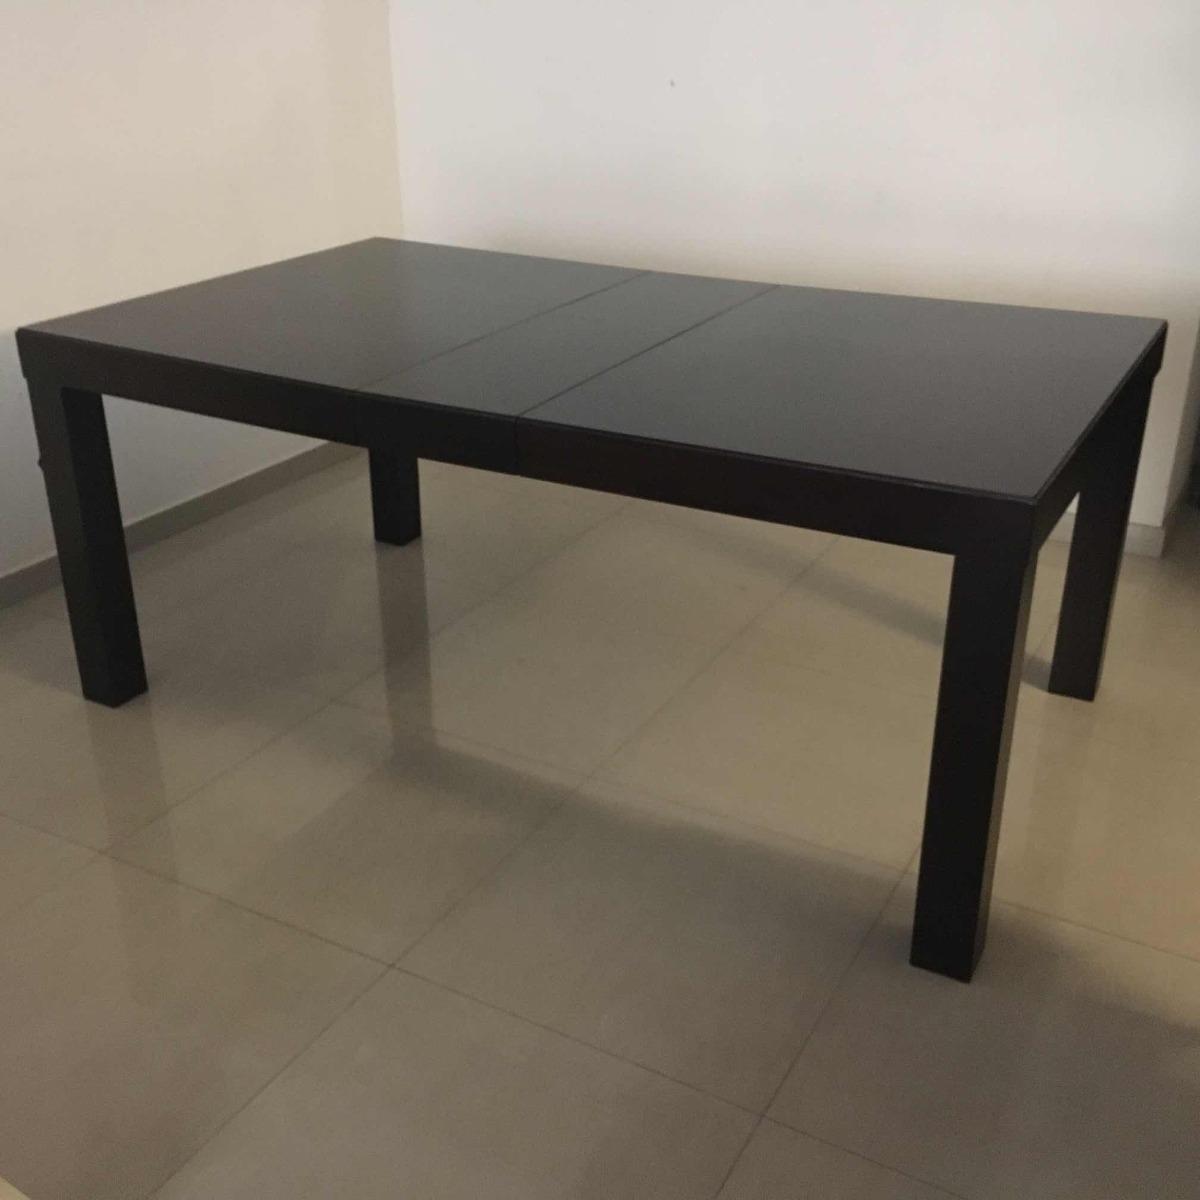 Mesa De Comedor Ikea 4 O 6 Puestos - Bs. 704.000,00 en Mercado Libre